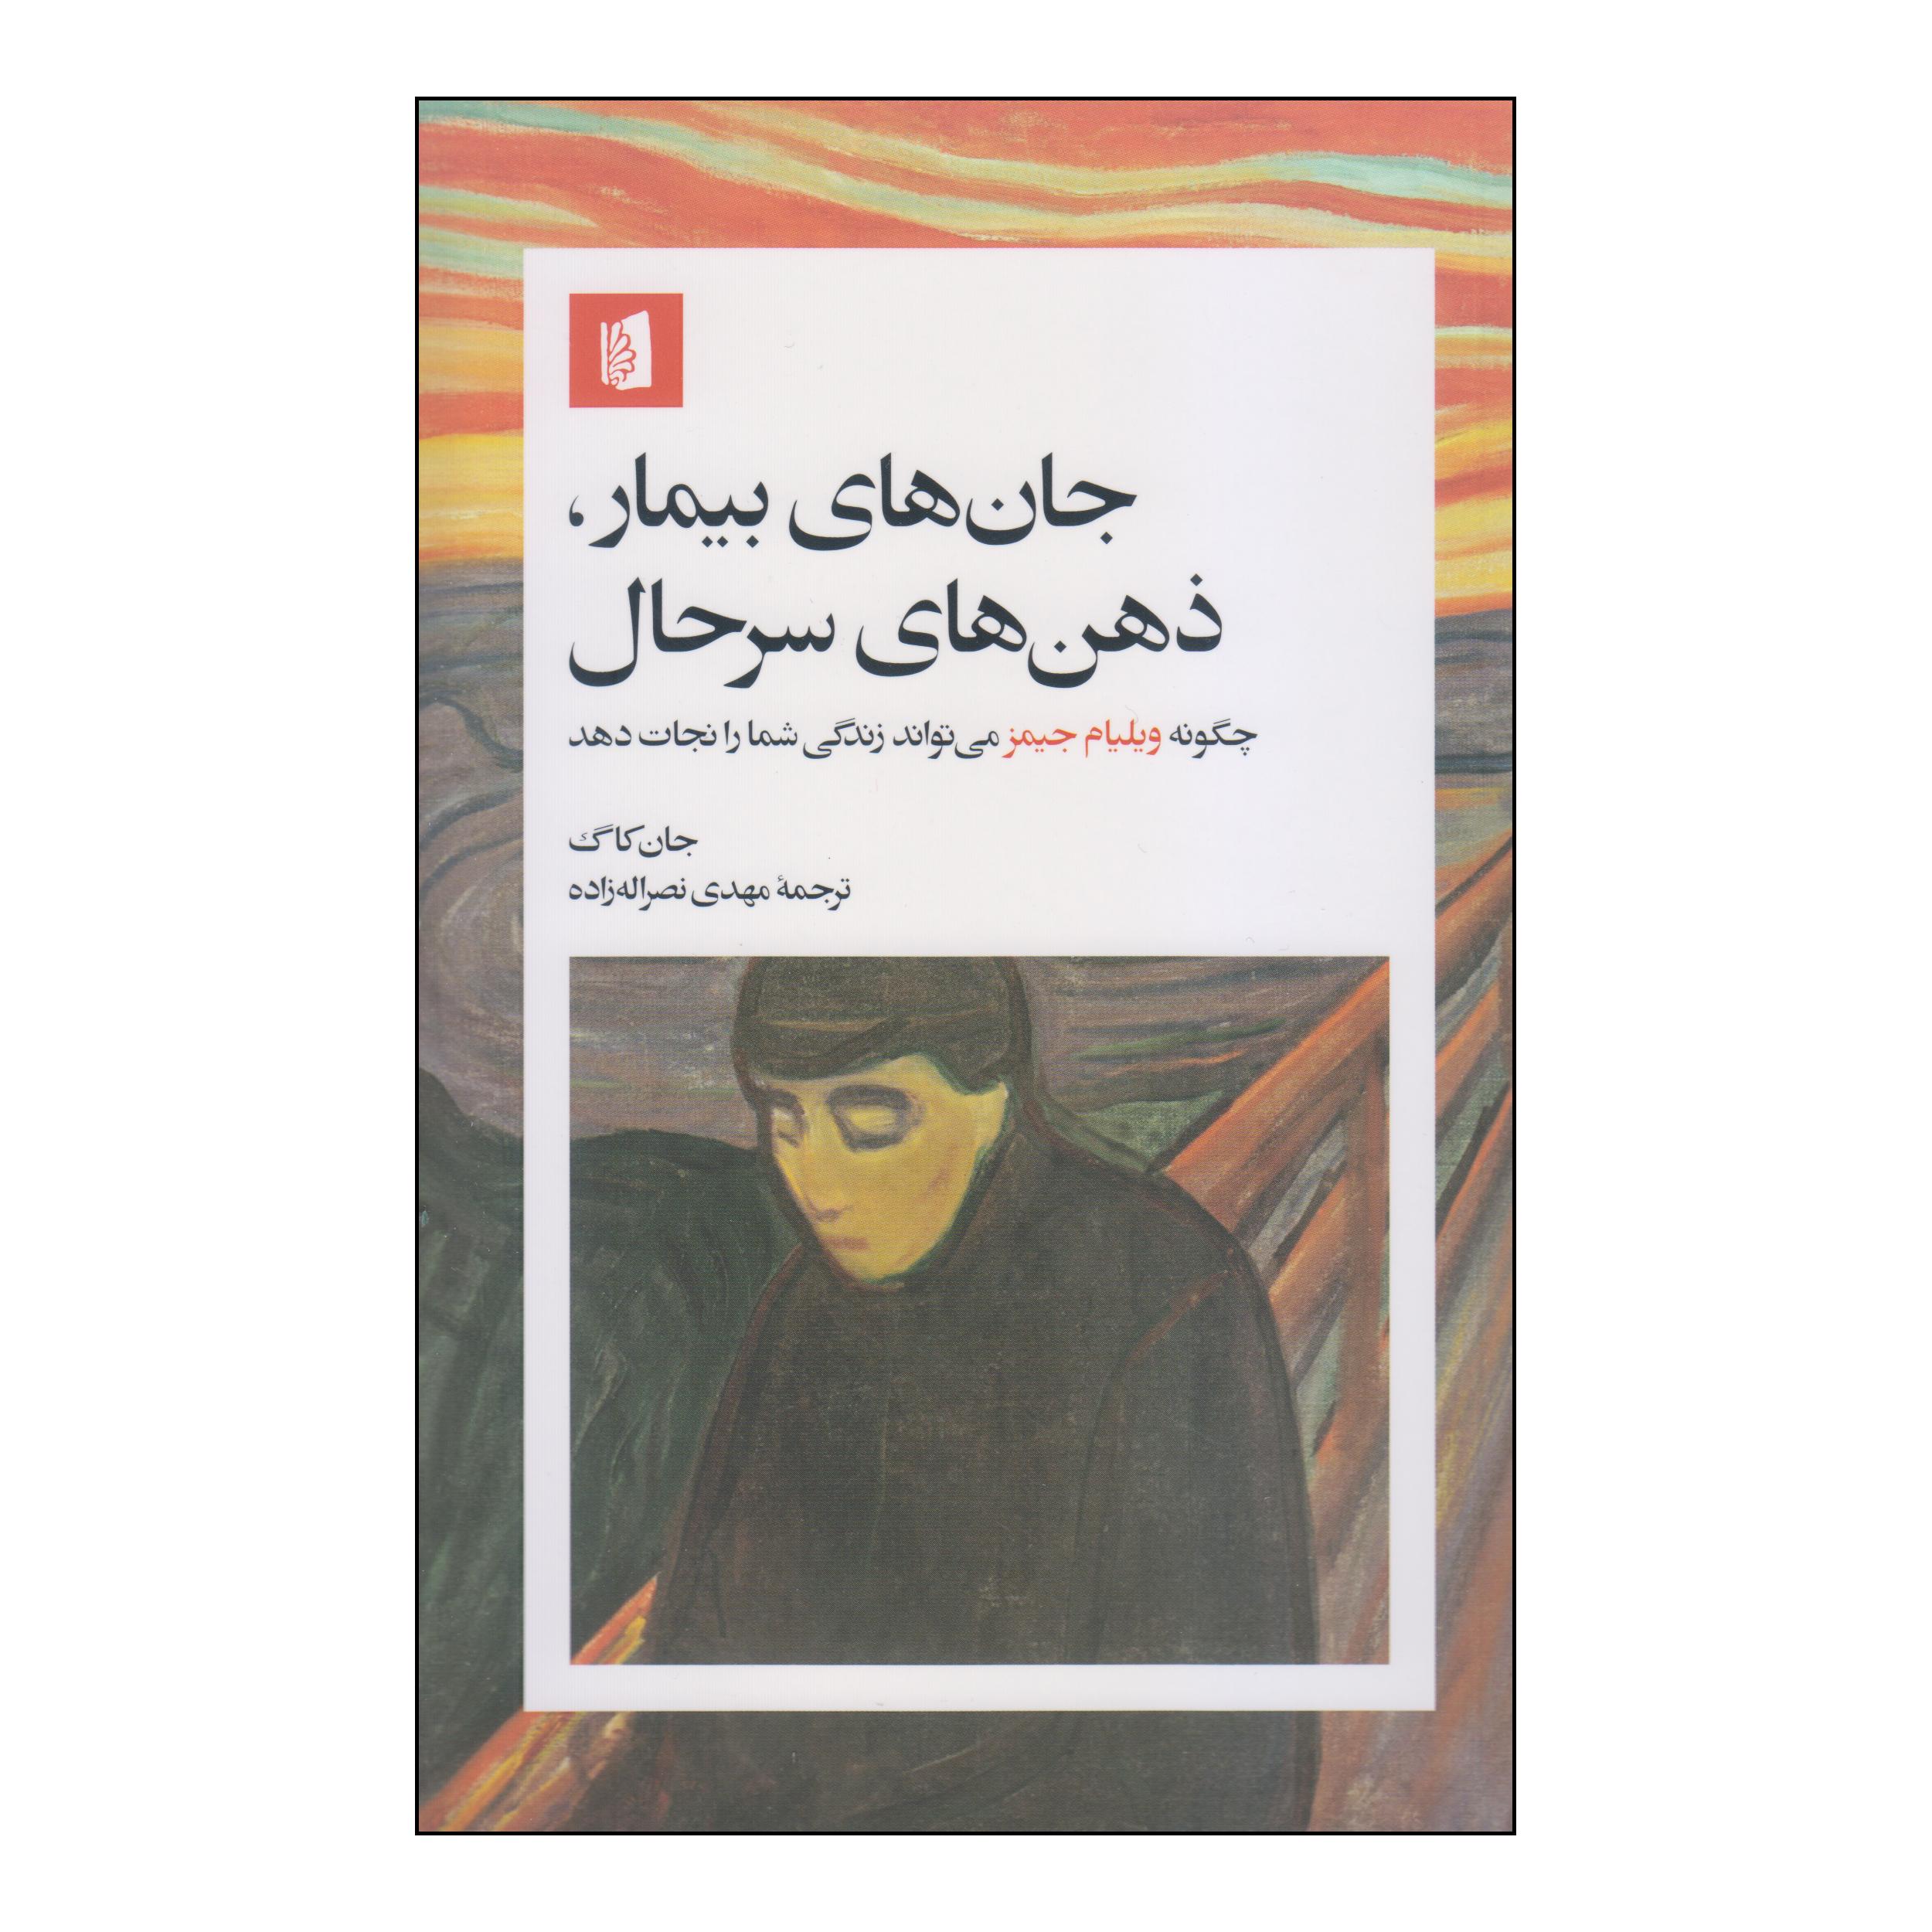 کتاب جانهای بیمار، ذهنهای سرحال اثر جان کاگ نشر بیدگل